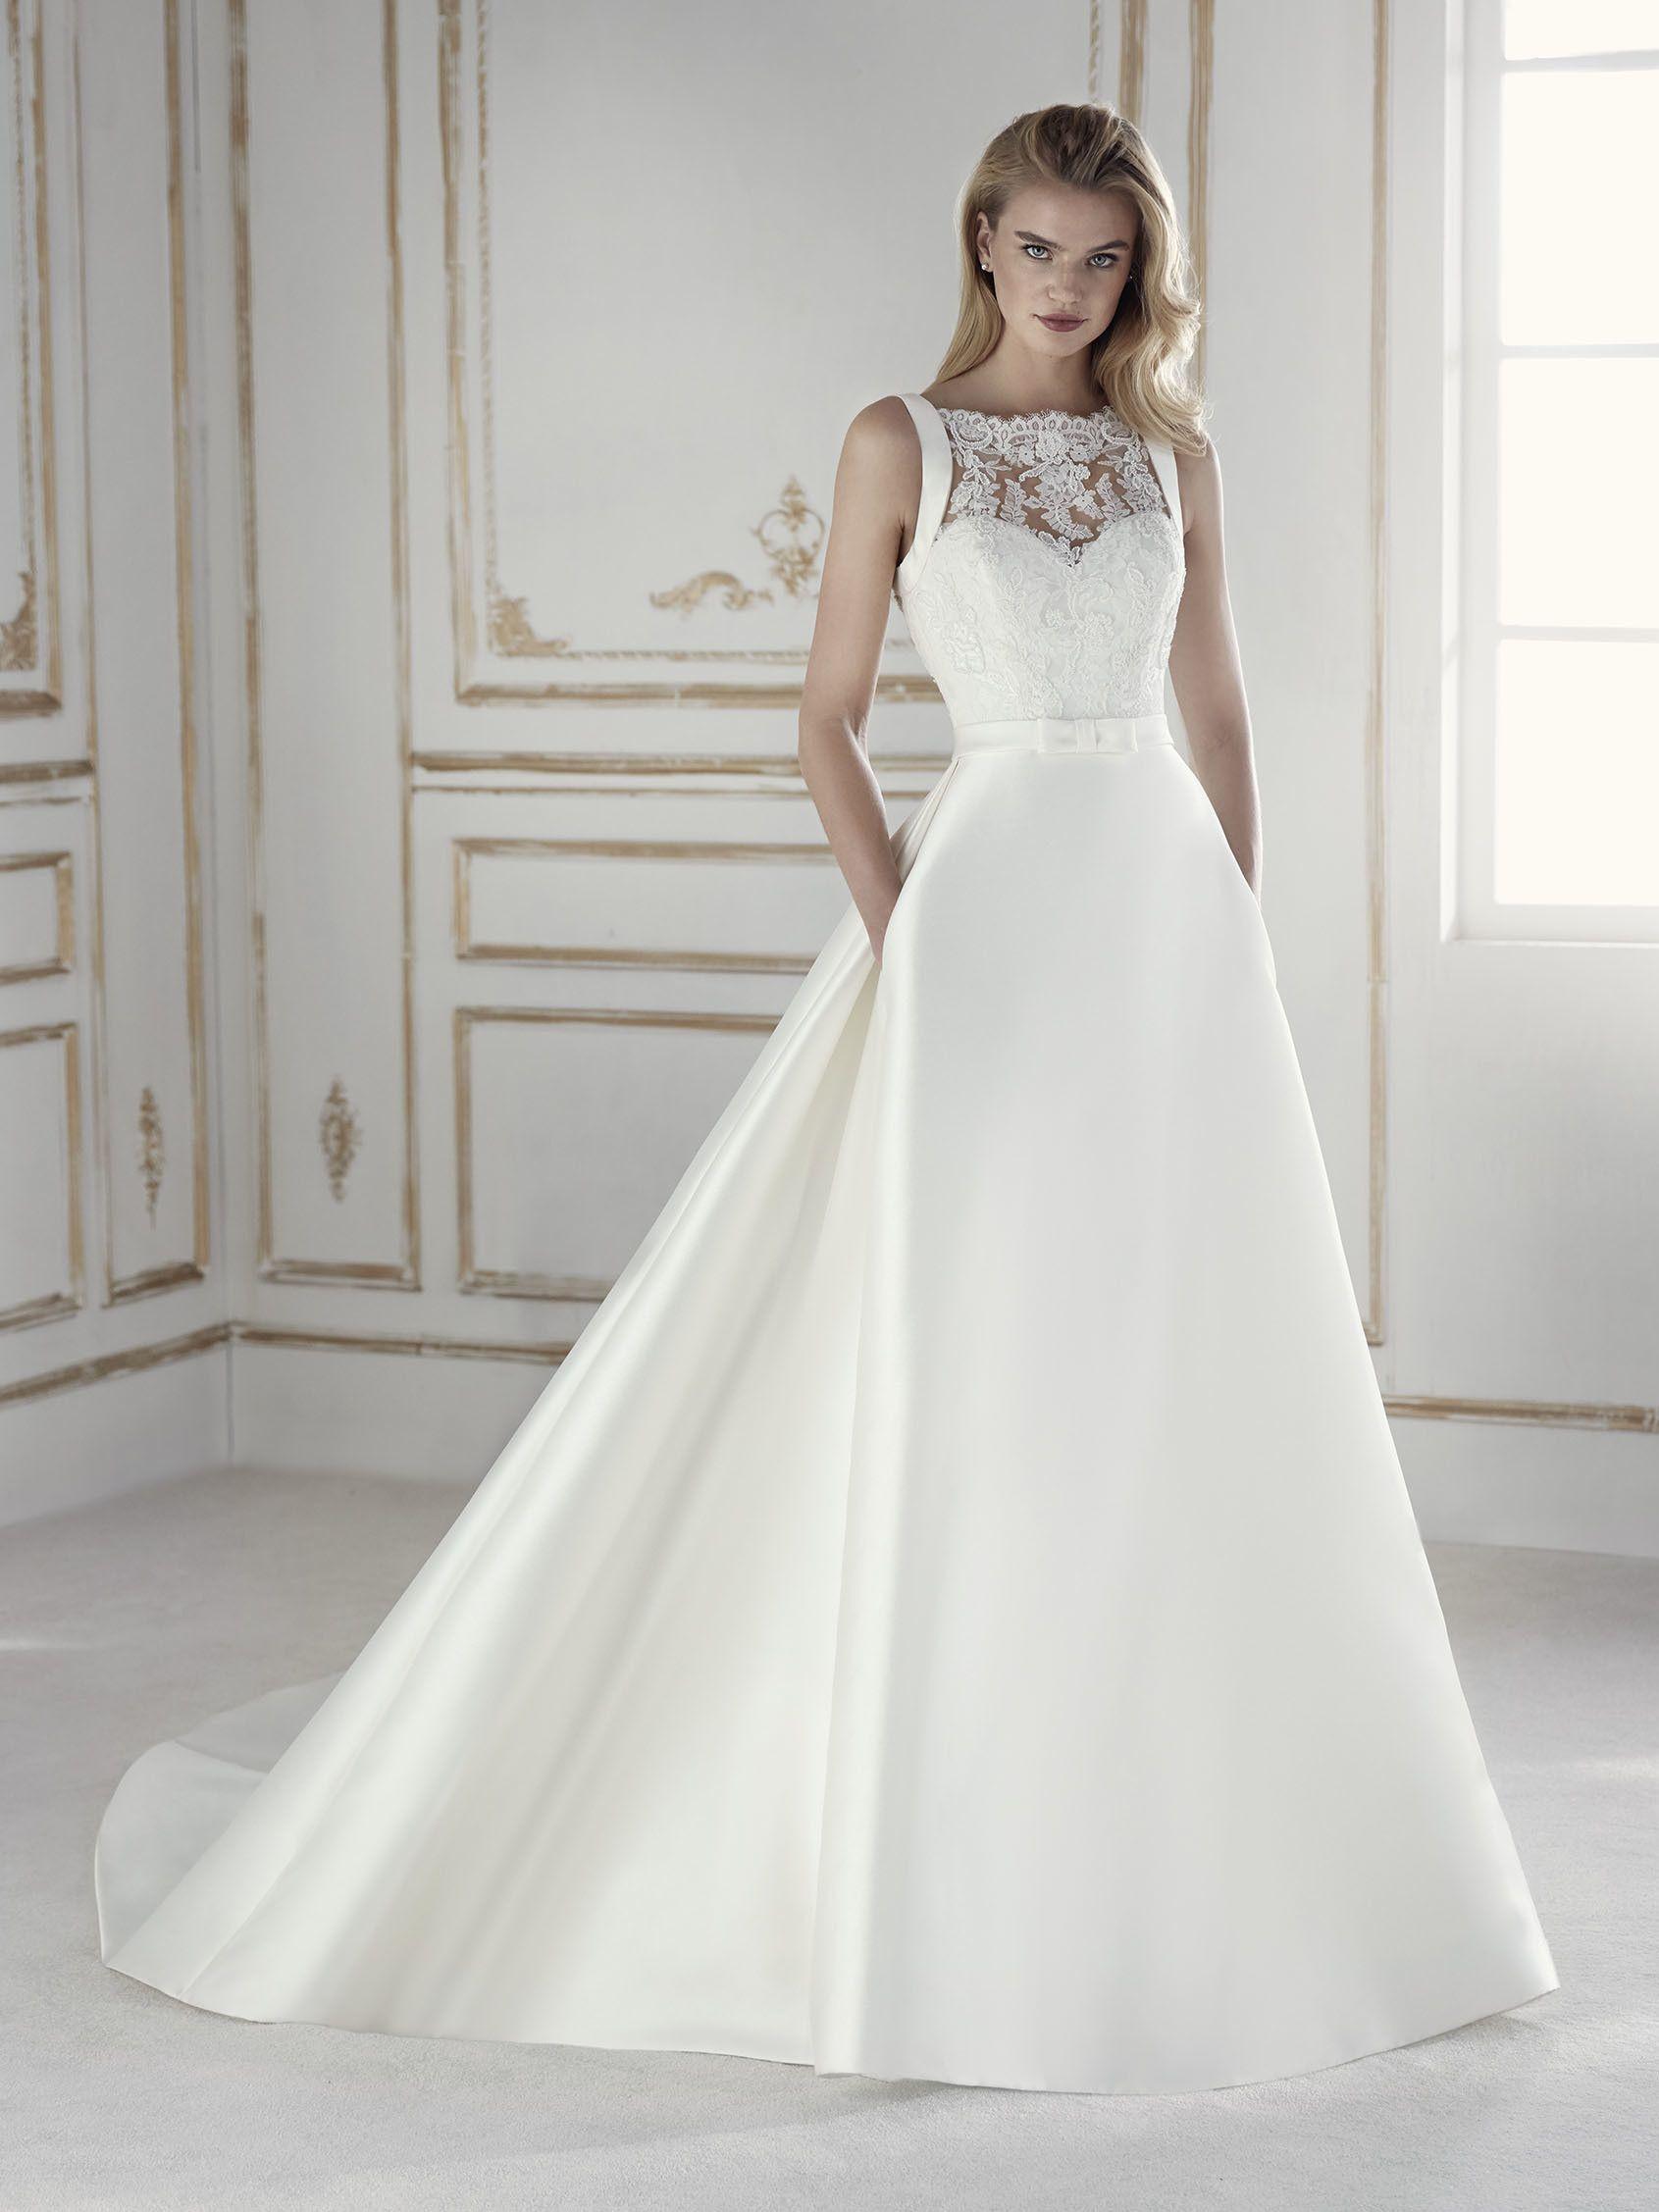 Elegantes, tailliertes Brautkleid im Prinzessin-Stil. Kleid mit ...